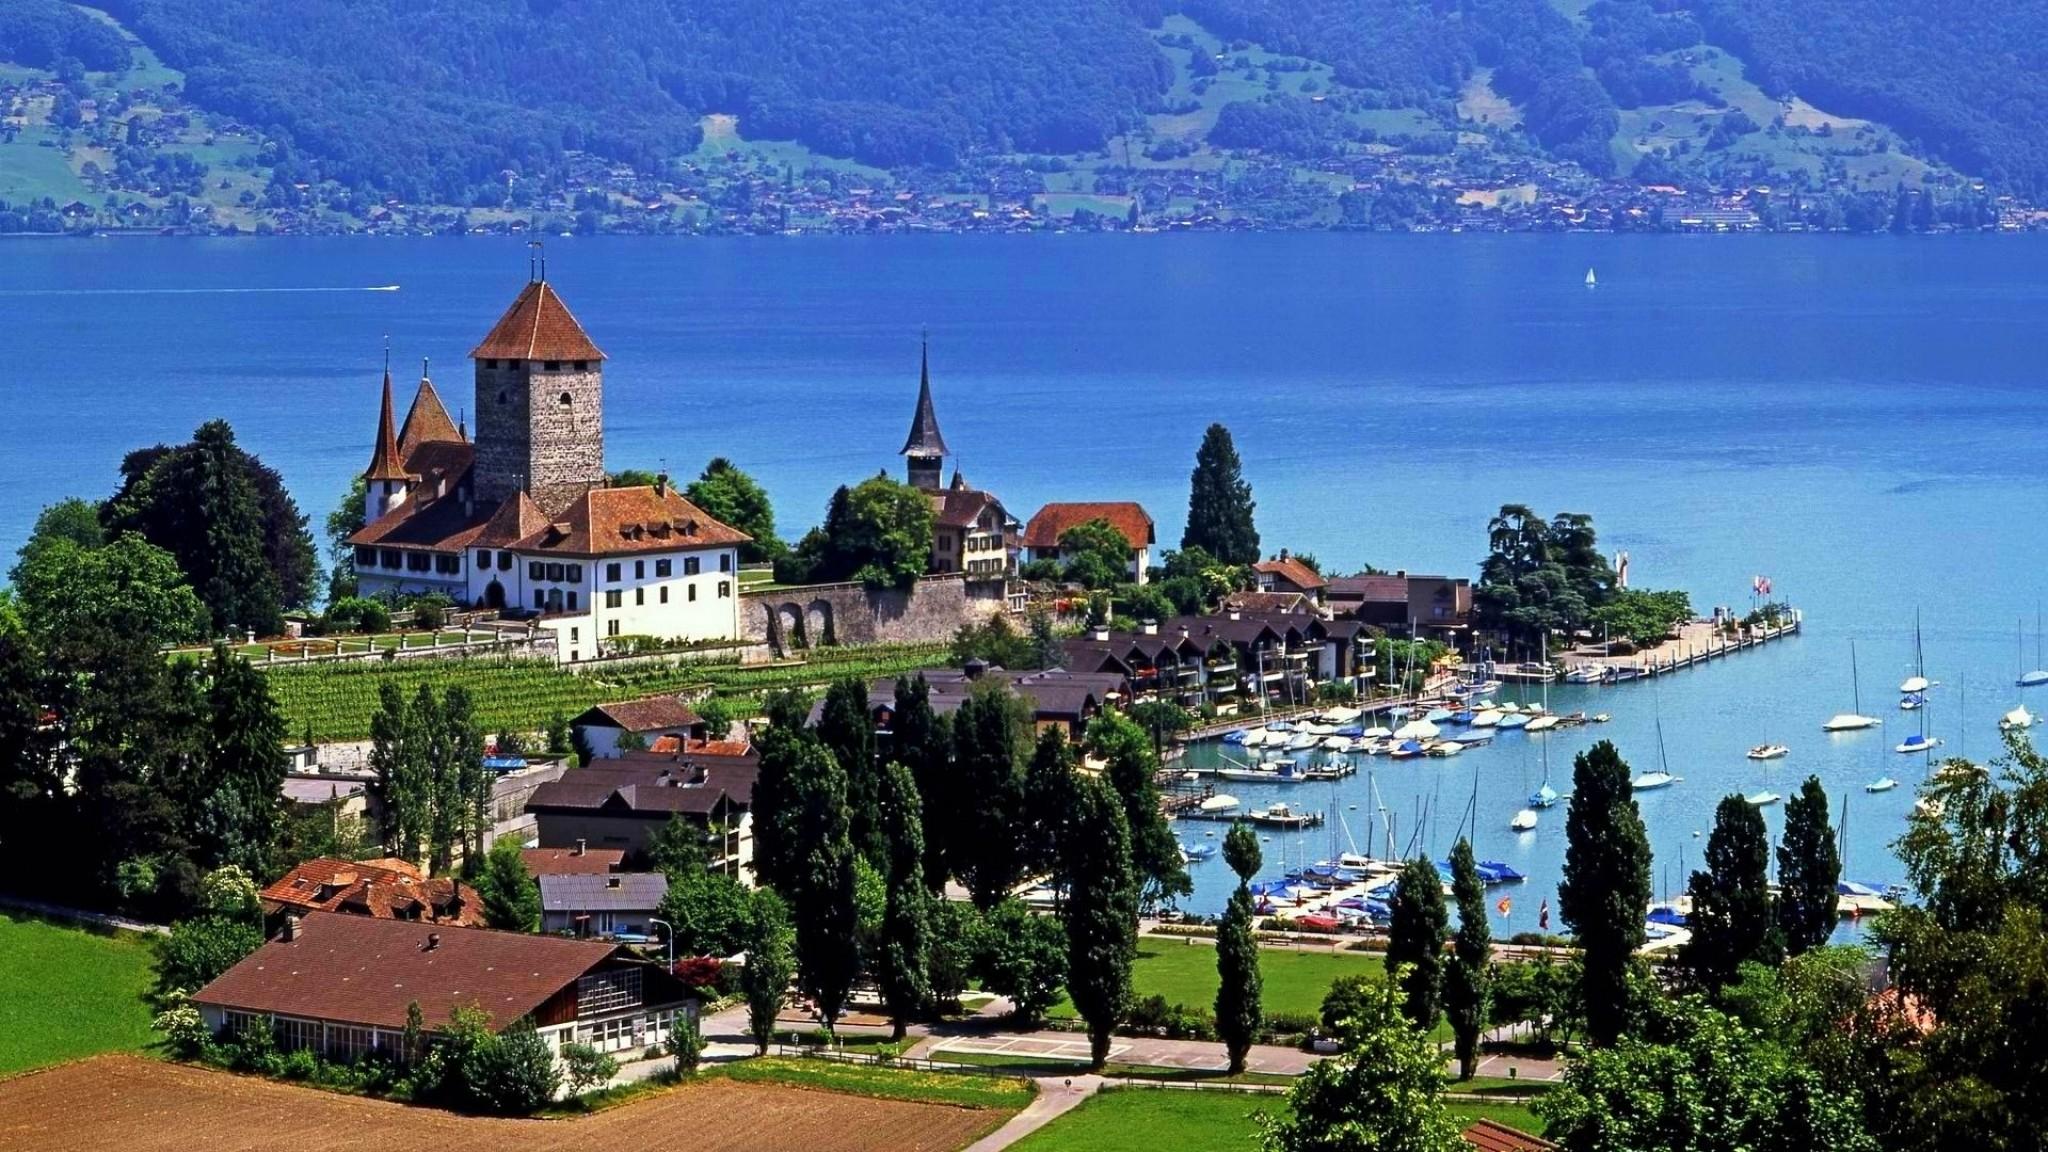 Замок Шпиц в Швейцарии